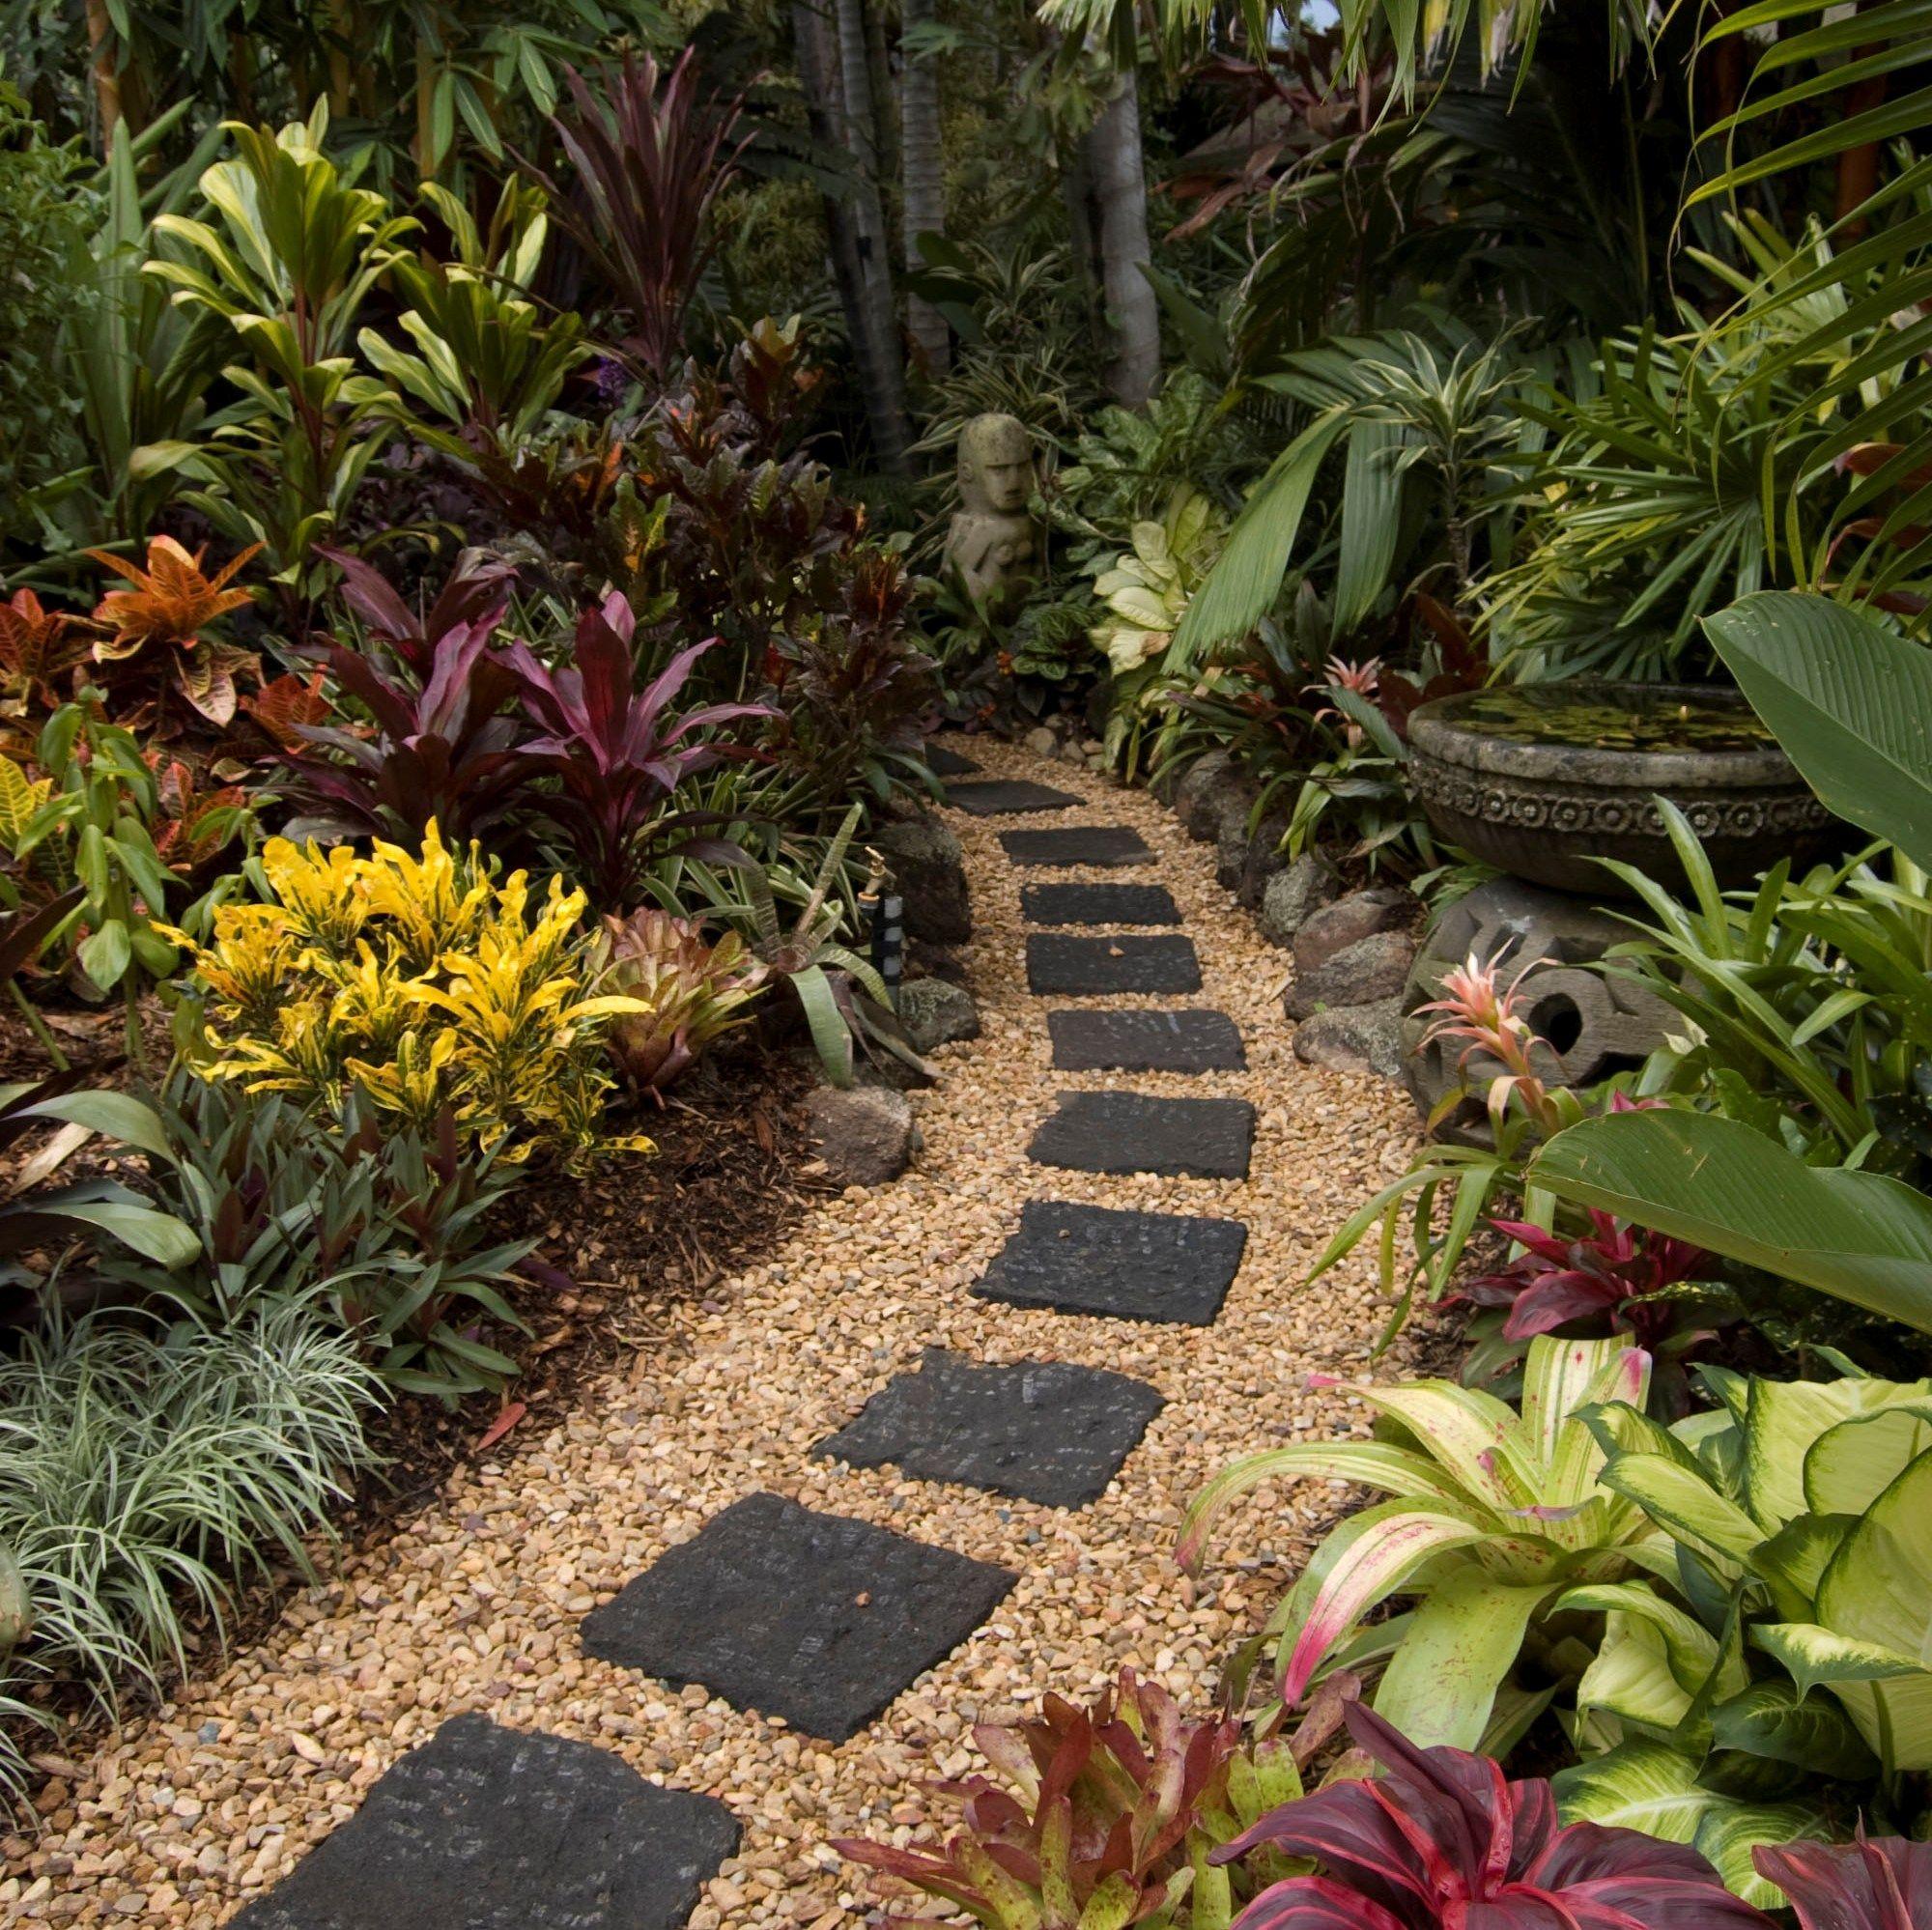 Paver Path | Garden Ideas - Inspiration - Videos - AdviceGarden ...